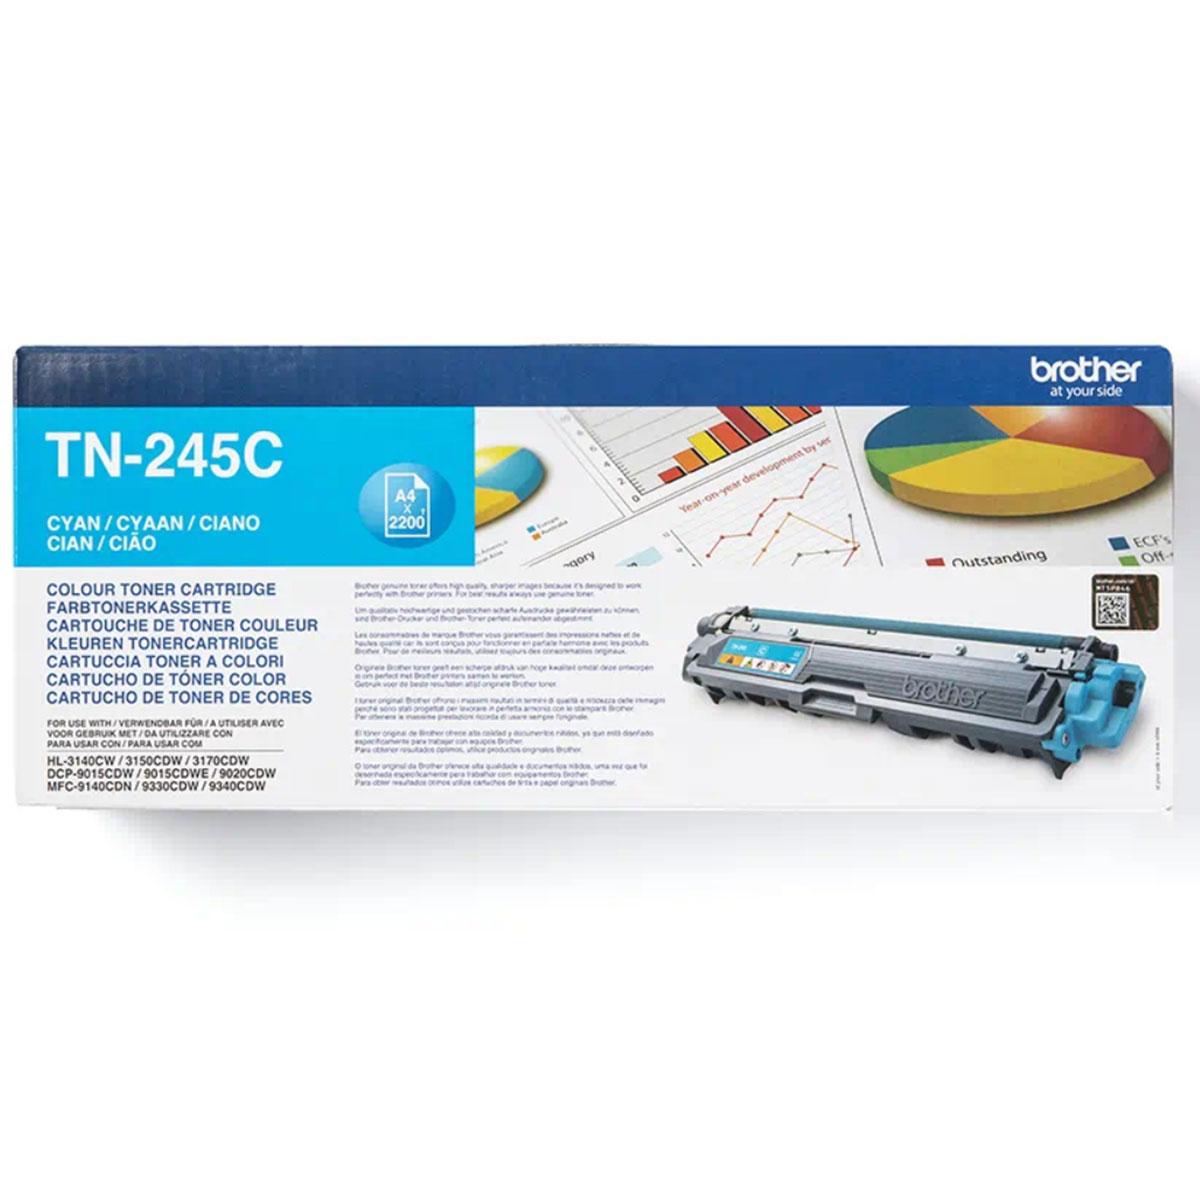 טונר כחול מוגדל ל- 2200 דף TN245C למדפסת BROTHER 9140